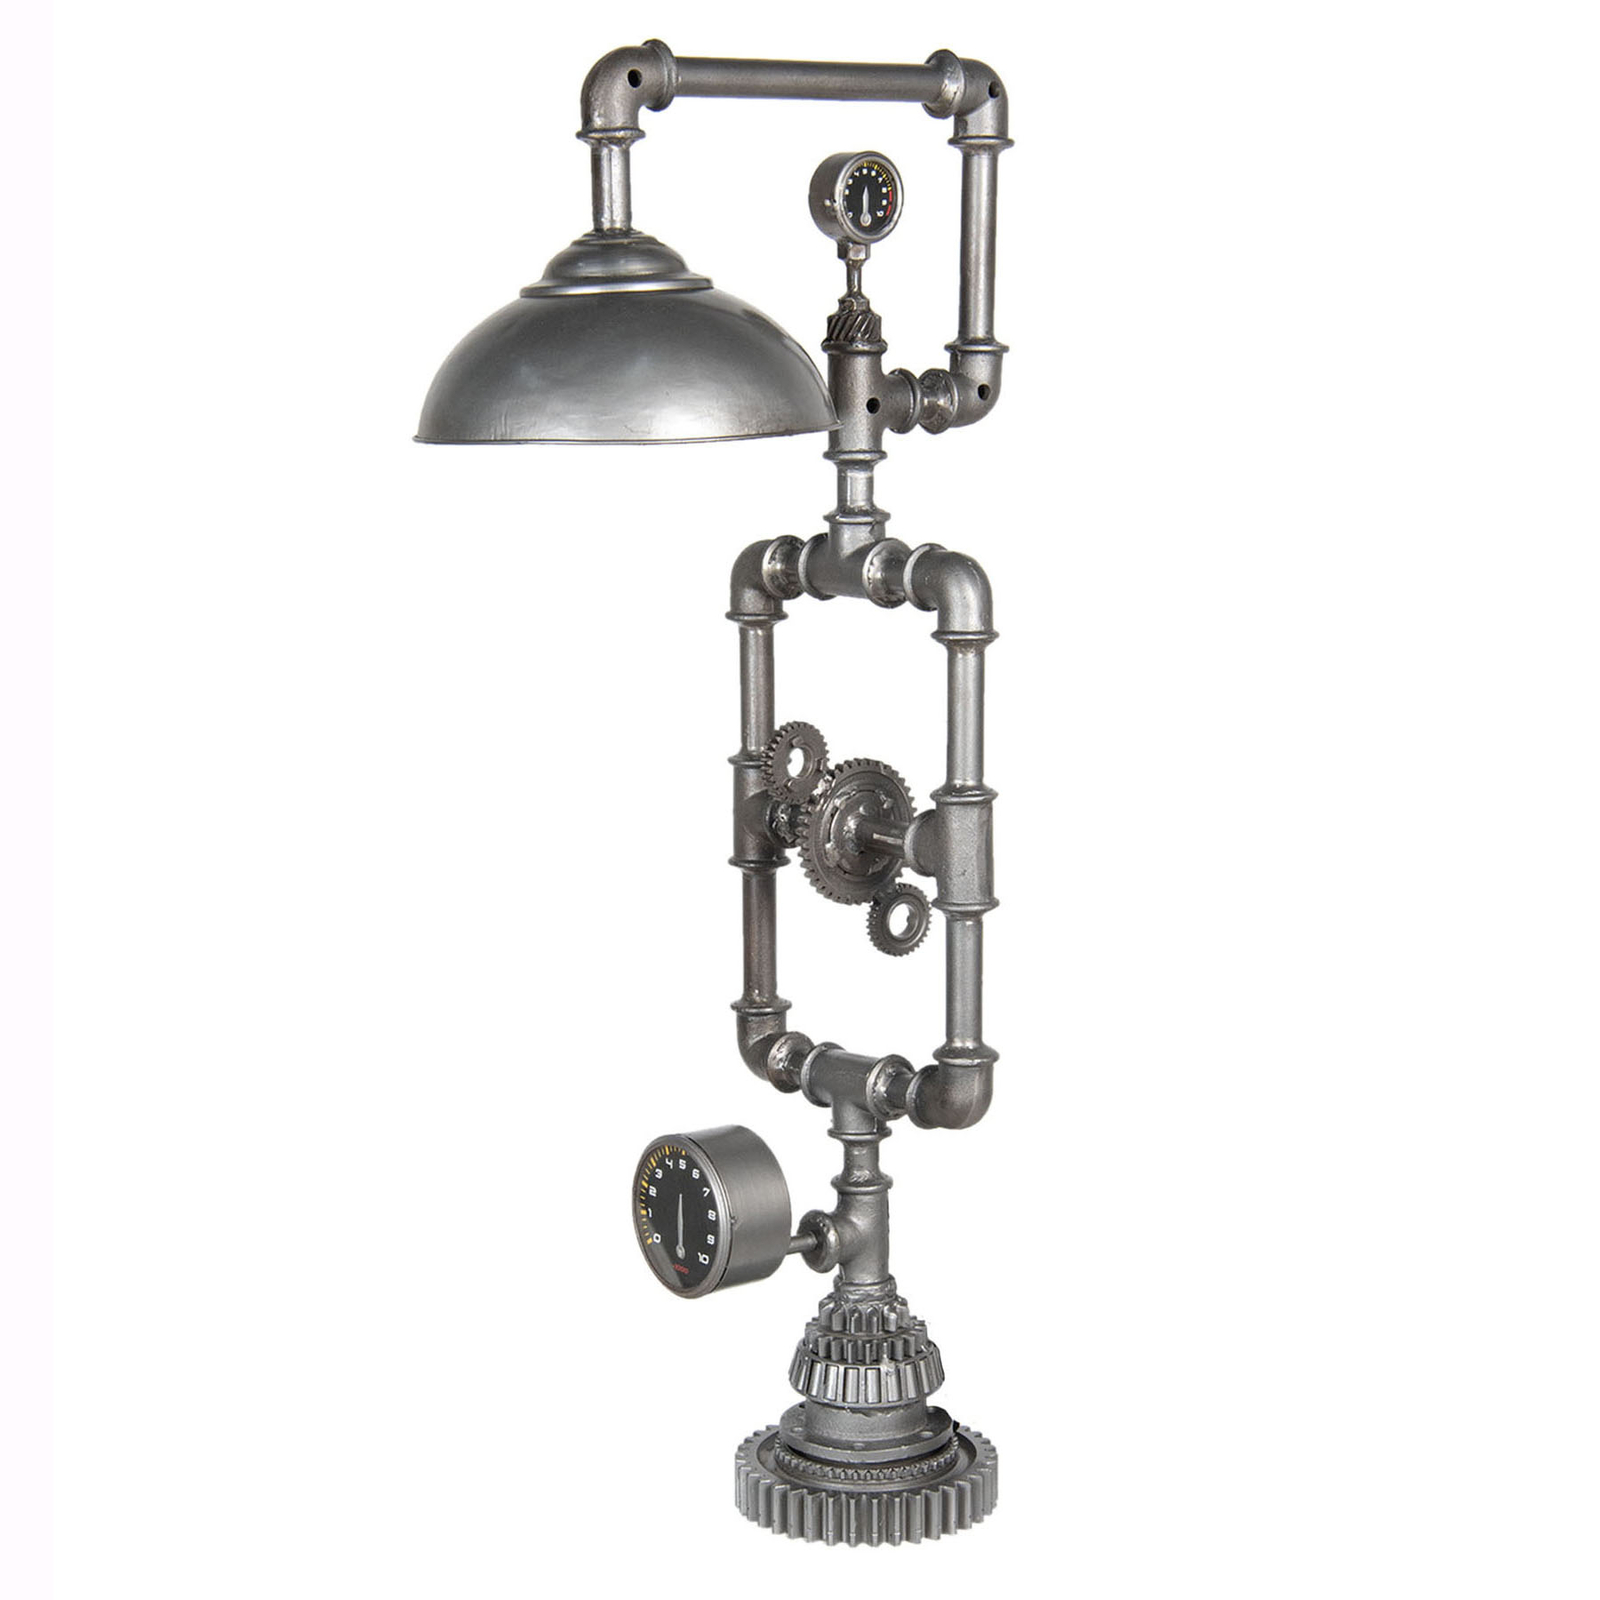 Lampa podłogowa 271 o przemysłowym wzornictwie